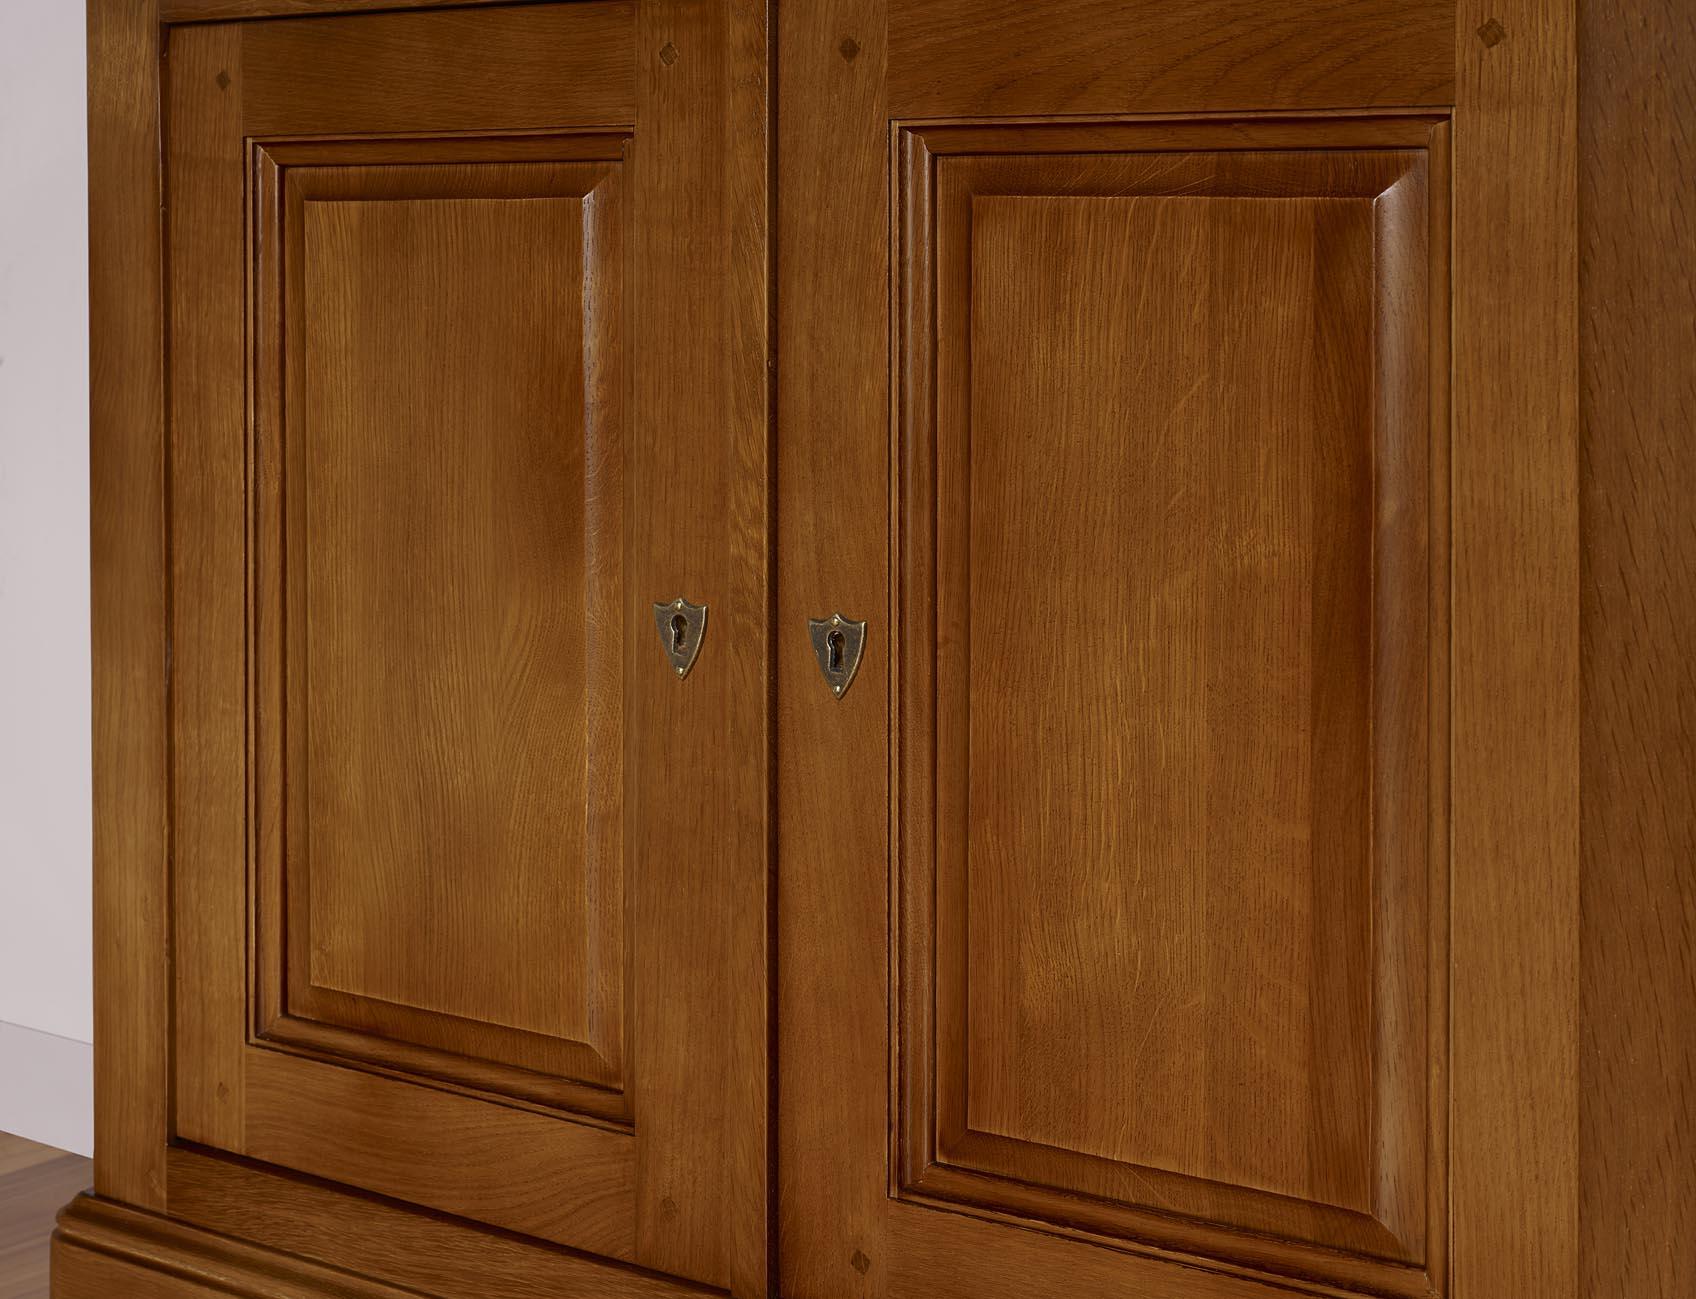 petit buffet 2 portes en ch ne massif de style louis. Black Bedroom Furniture Sets. Home Design Ideas